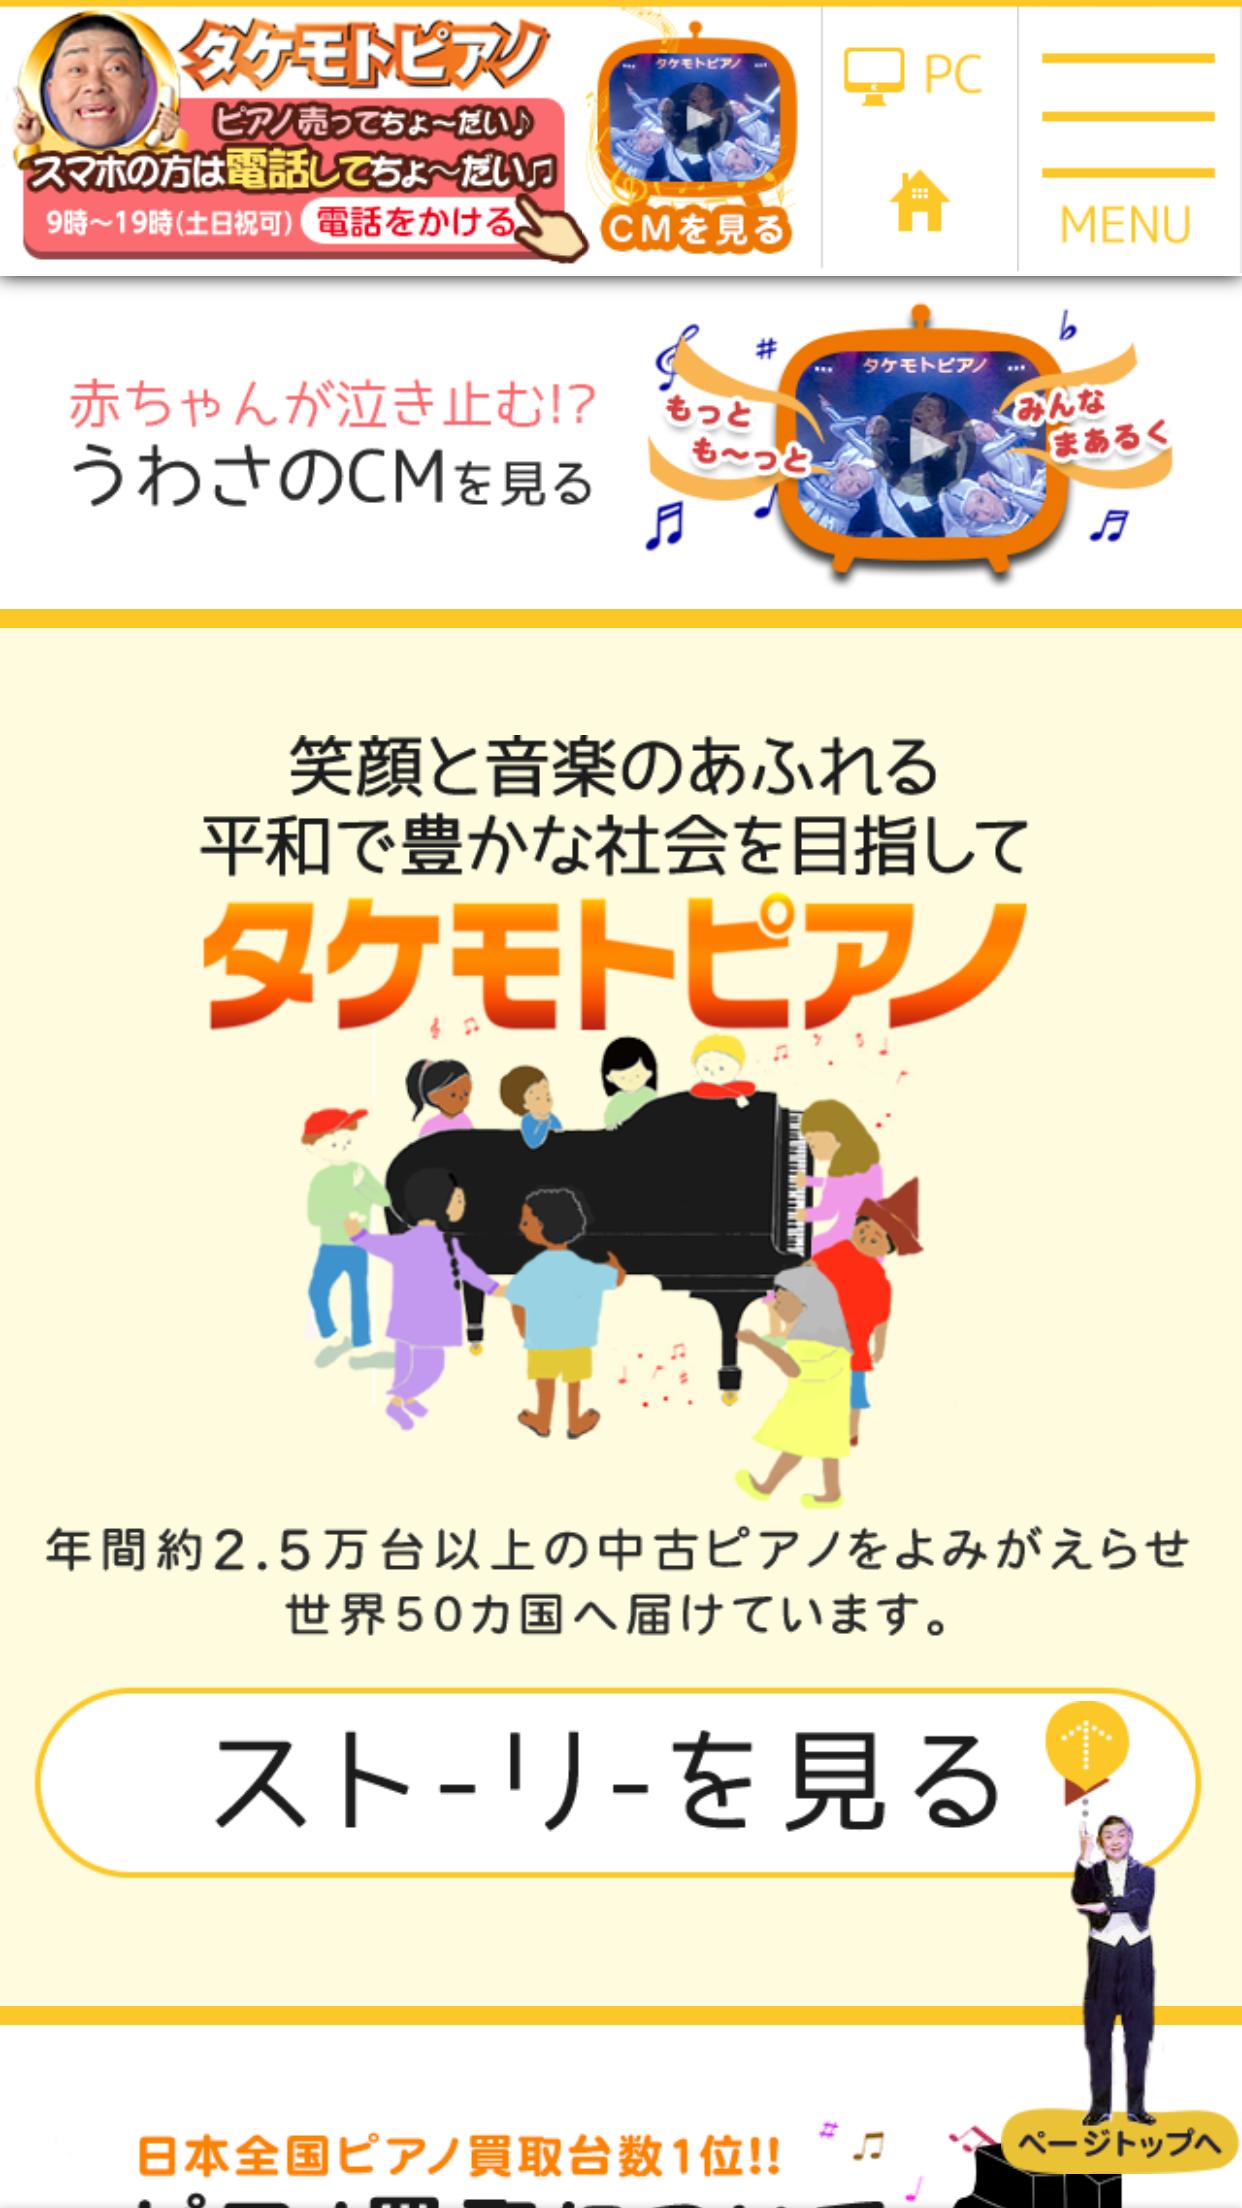 みんなまあるくタケモトピアノ~♪を変えて歌ってみる。